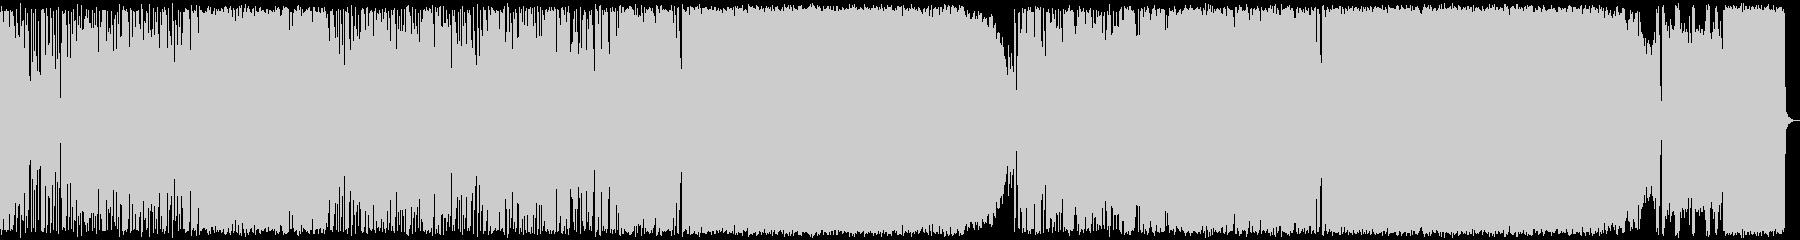 ファンク、ラウド系ロック、癖ありな展開の未再生の波形